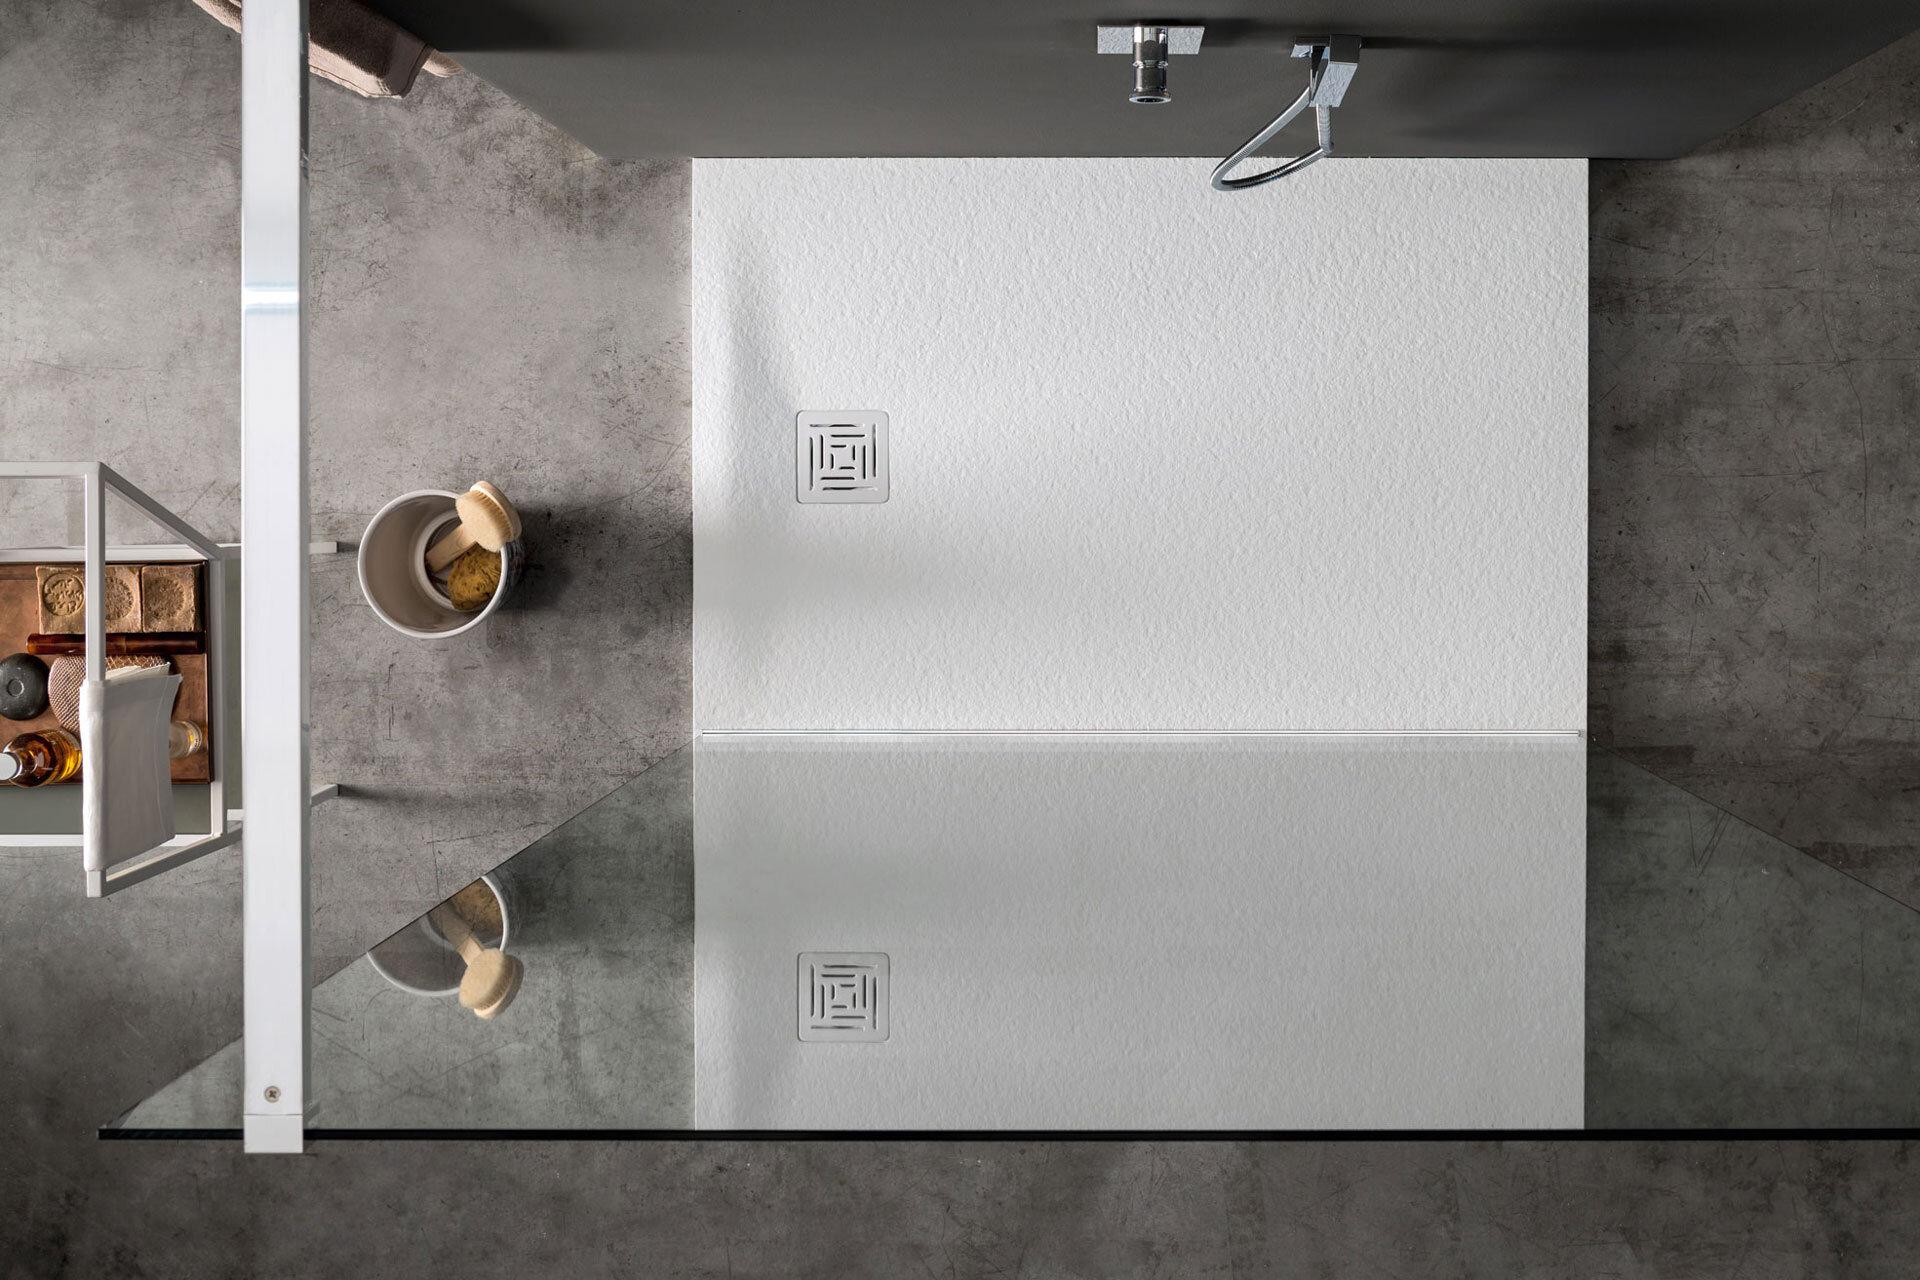 TEKOR - Il design pensato per chi ama la materia e il contatto con la natura: due modelli dalle texture bocciardate più o meno marcate, per una sensazione unica.